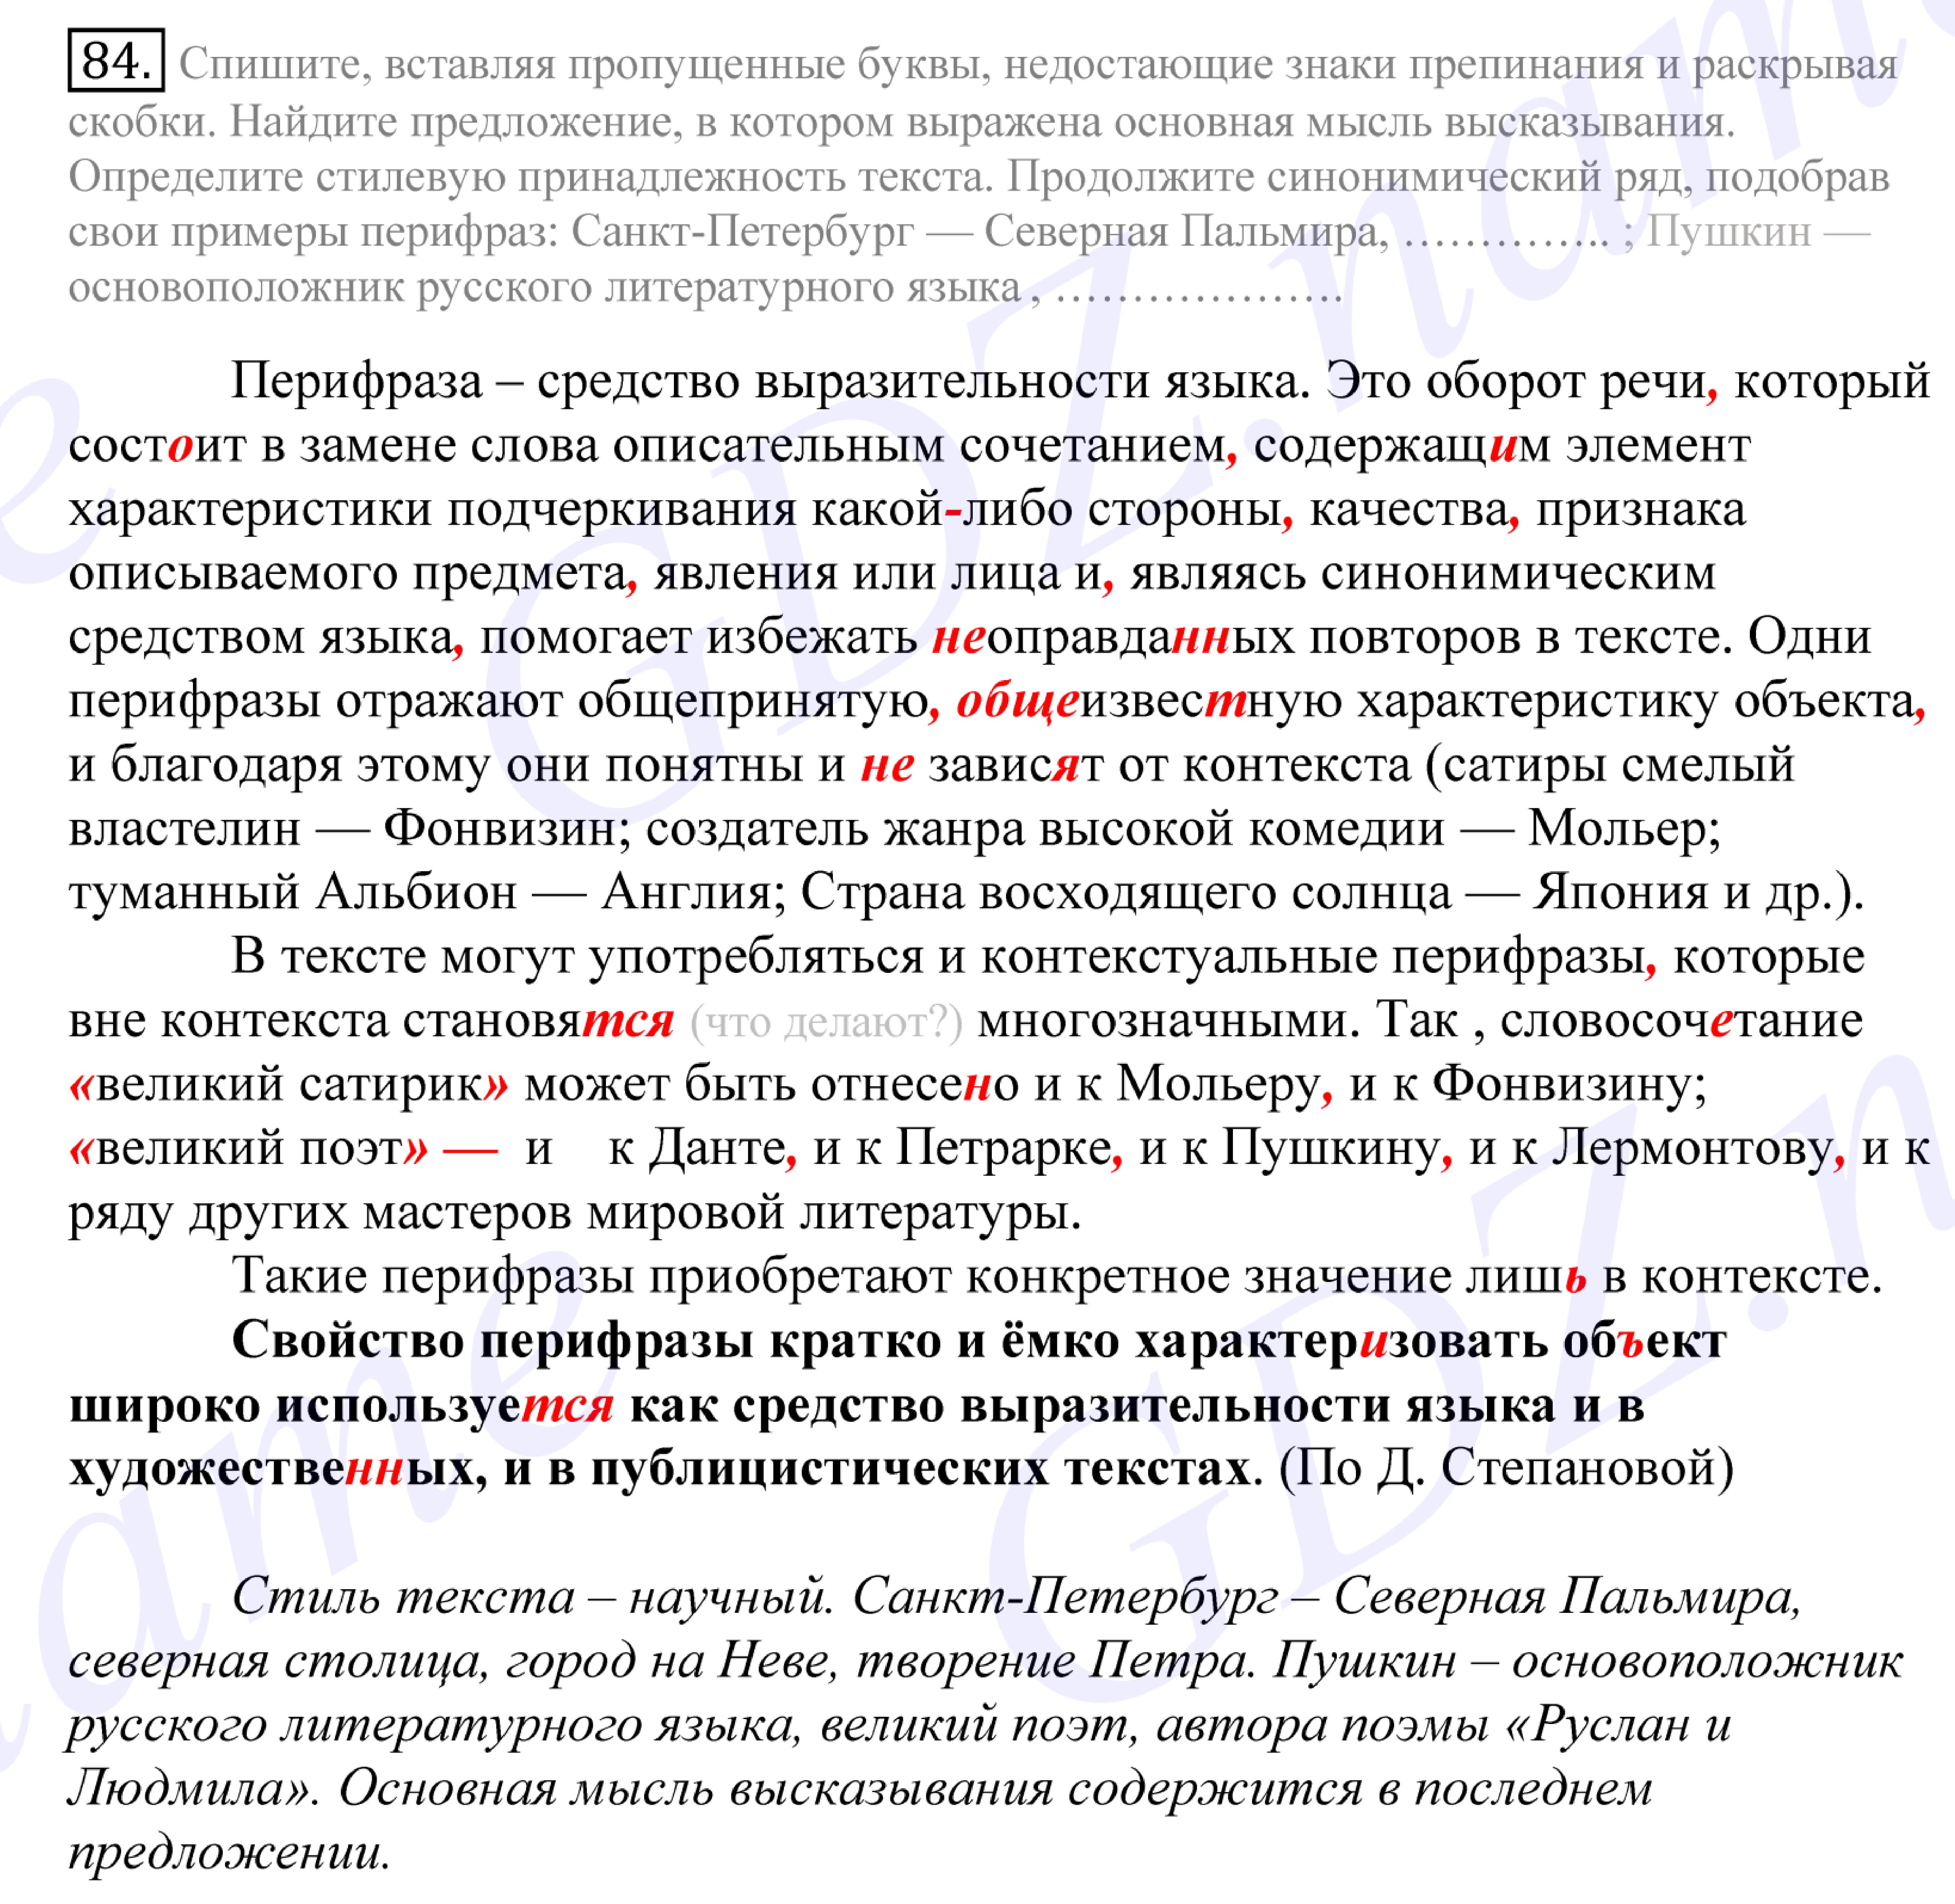 Гдз по русскому языку 10 11 класс греков 2018 года скачать бесплатно